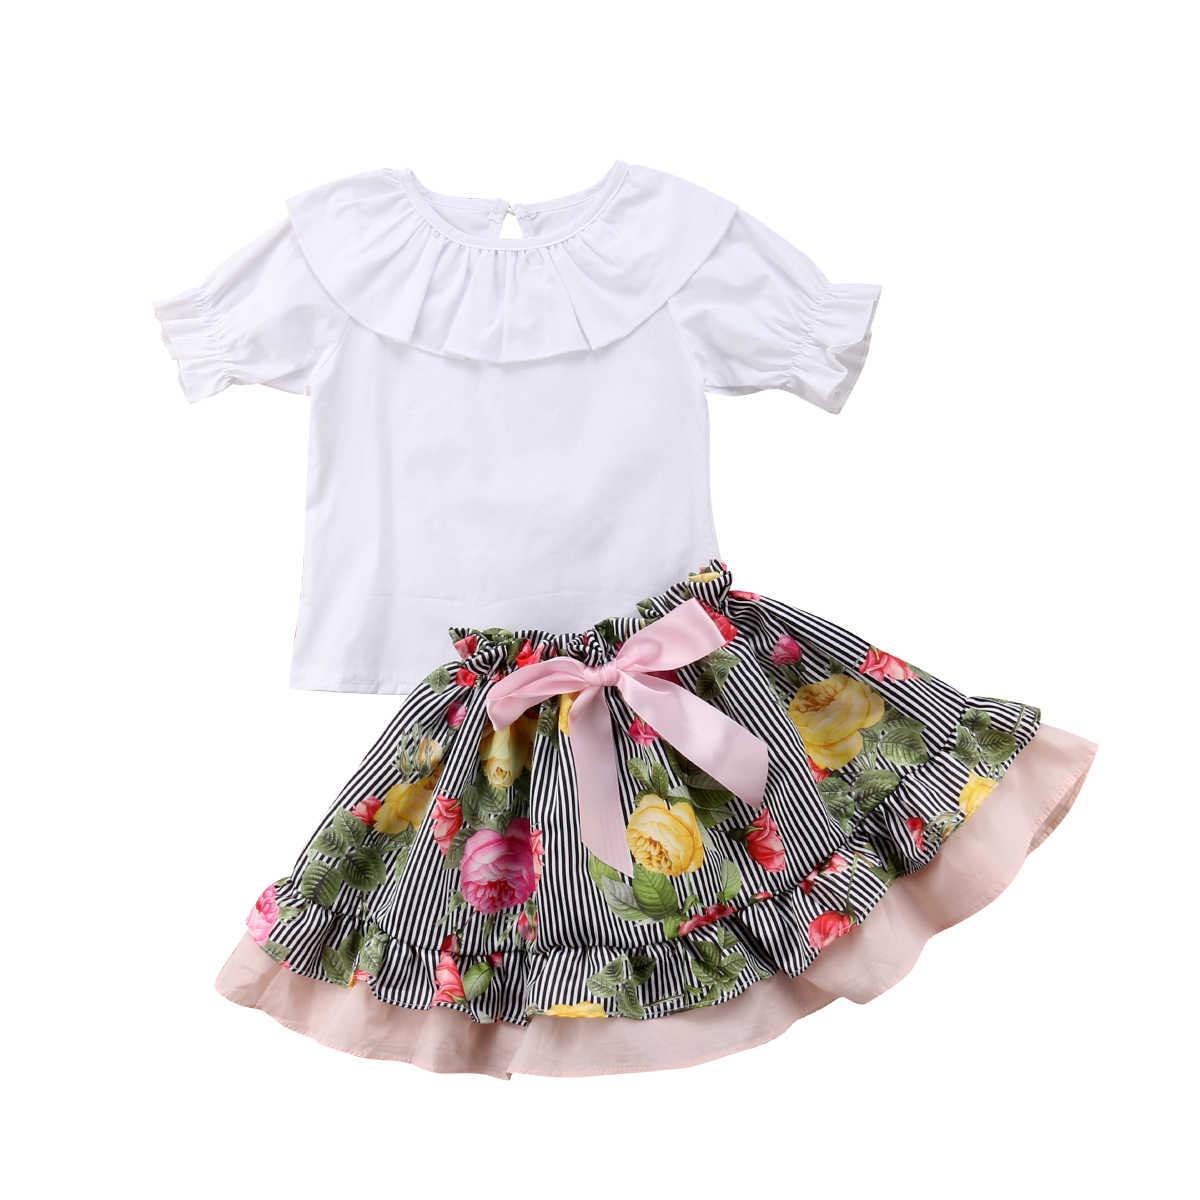 Популярная Футболка с оборками с коротким рукавом для маленьких девочек + шорты-пачки/юбки, одинаковые комплекты